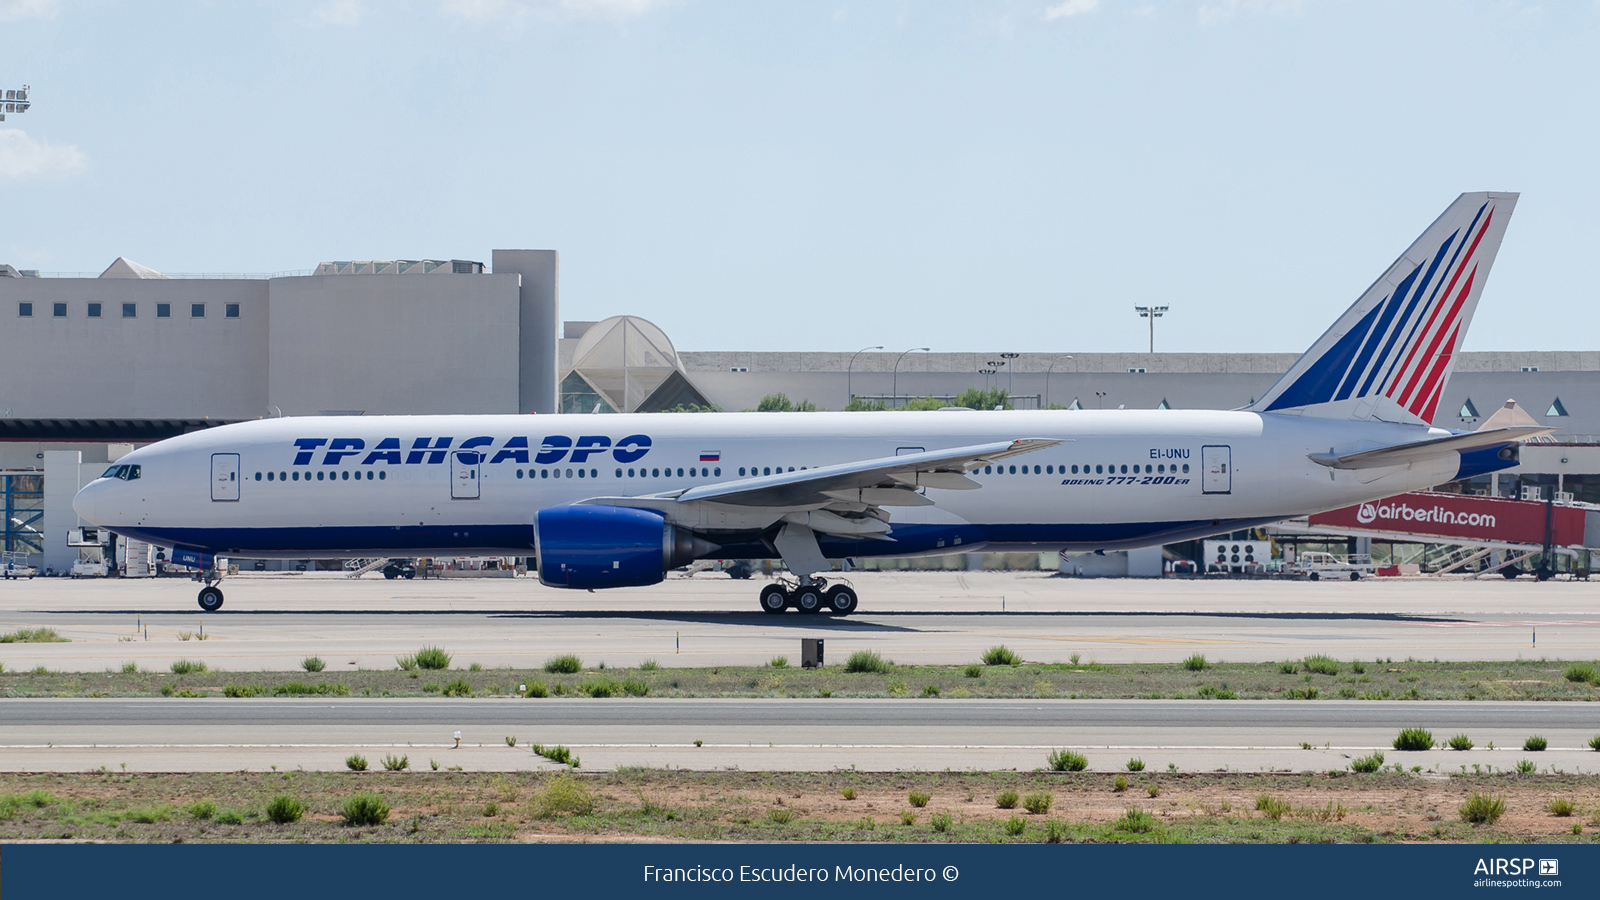 Transaero Airlines  Boeing 777-200  EI-UNU